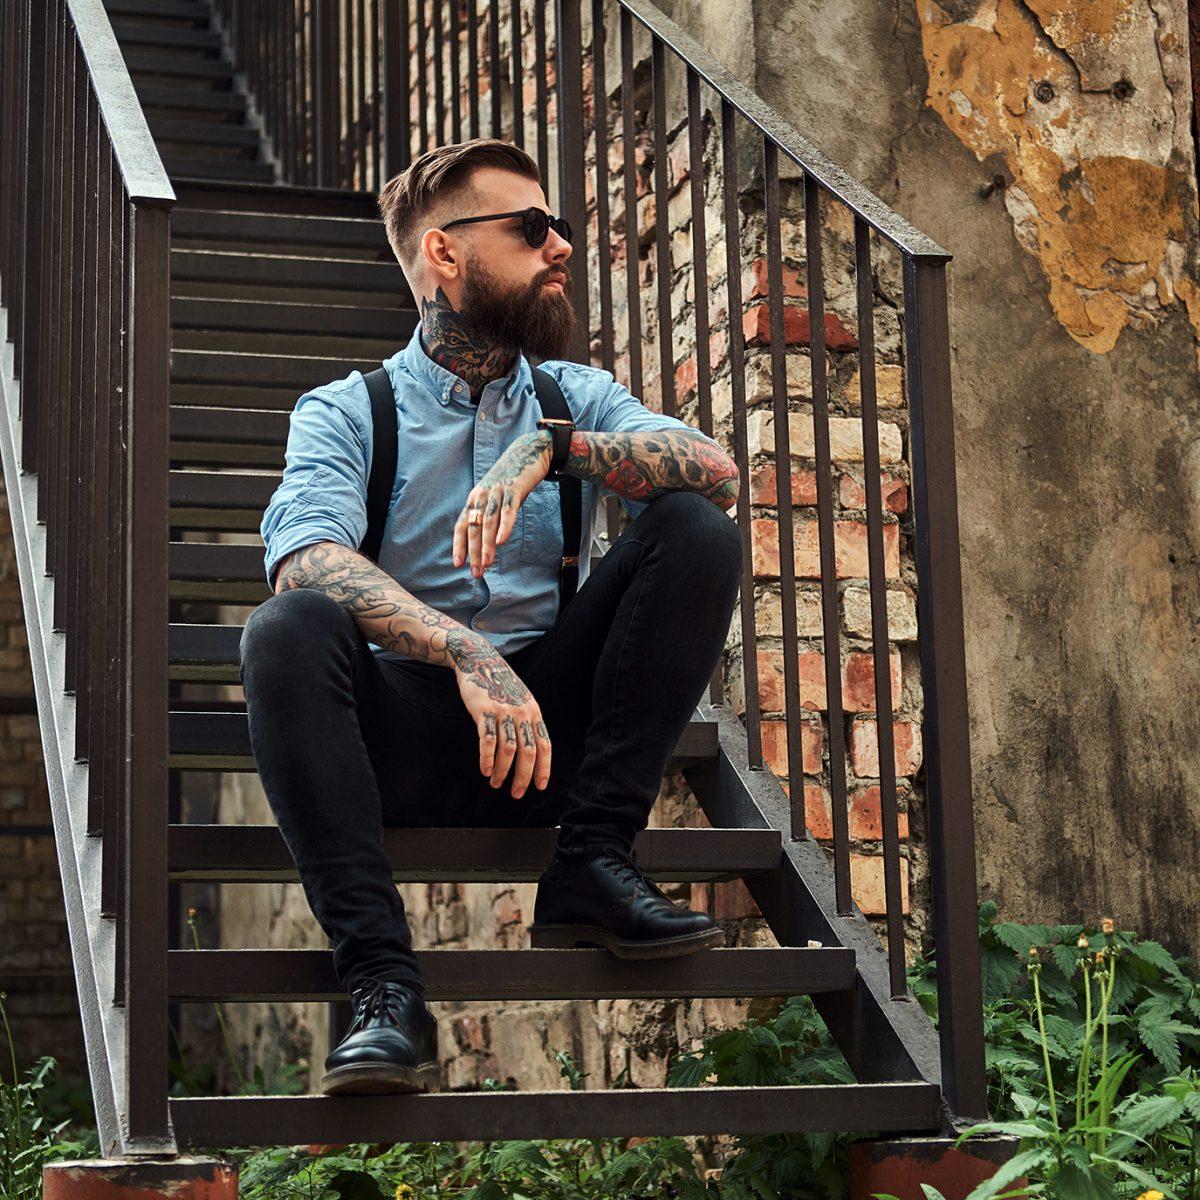 Maxime-homme-page-accueil-barbier-coiffeur-noyon15